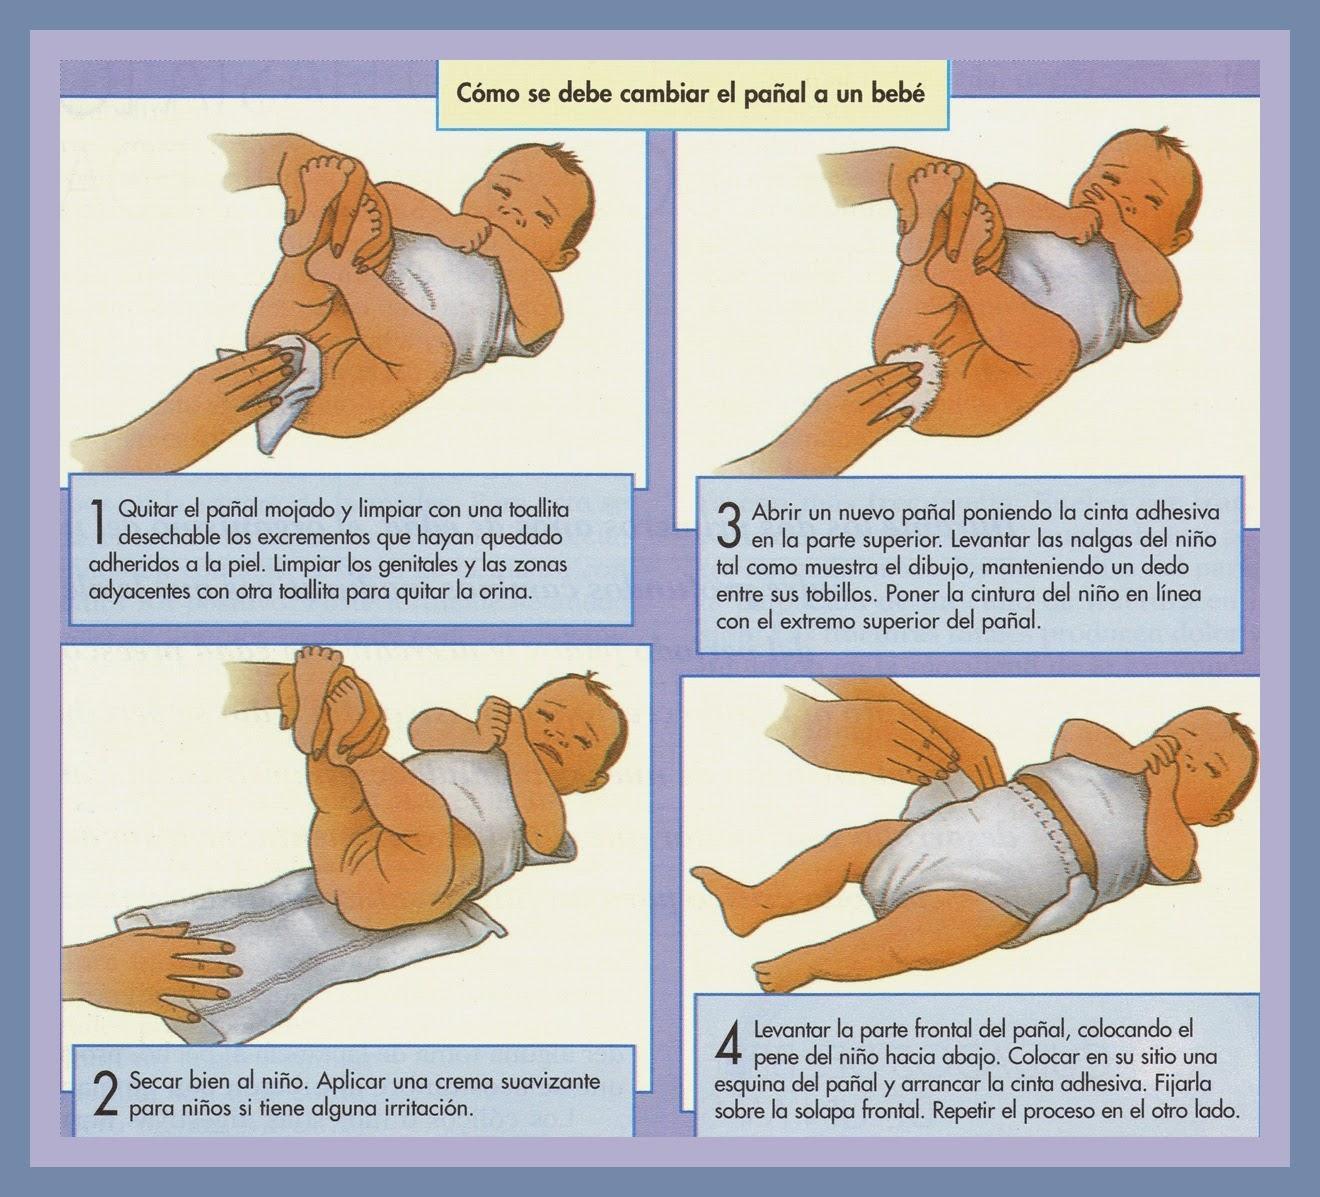 La psoriasis de la piel del cuerpo y la cabeza